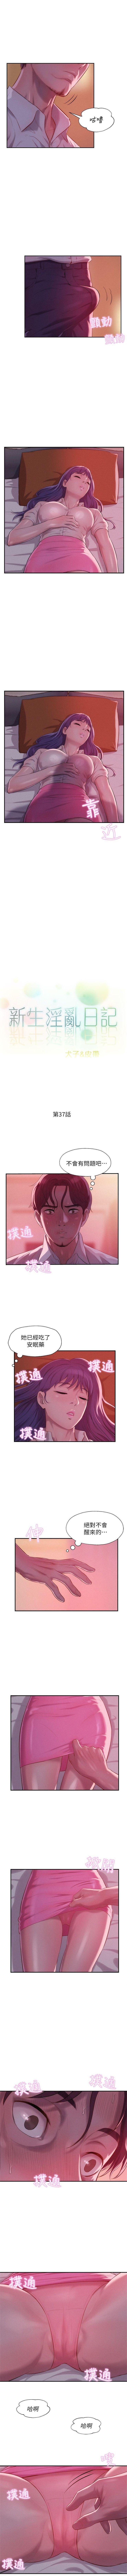 新生淫乱日记 1-61完结(中文) 191